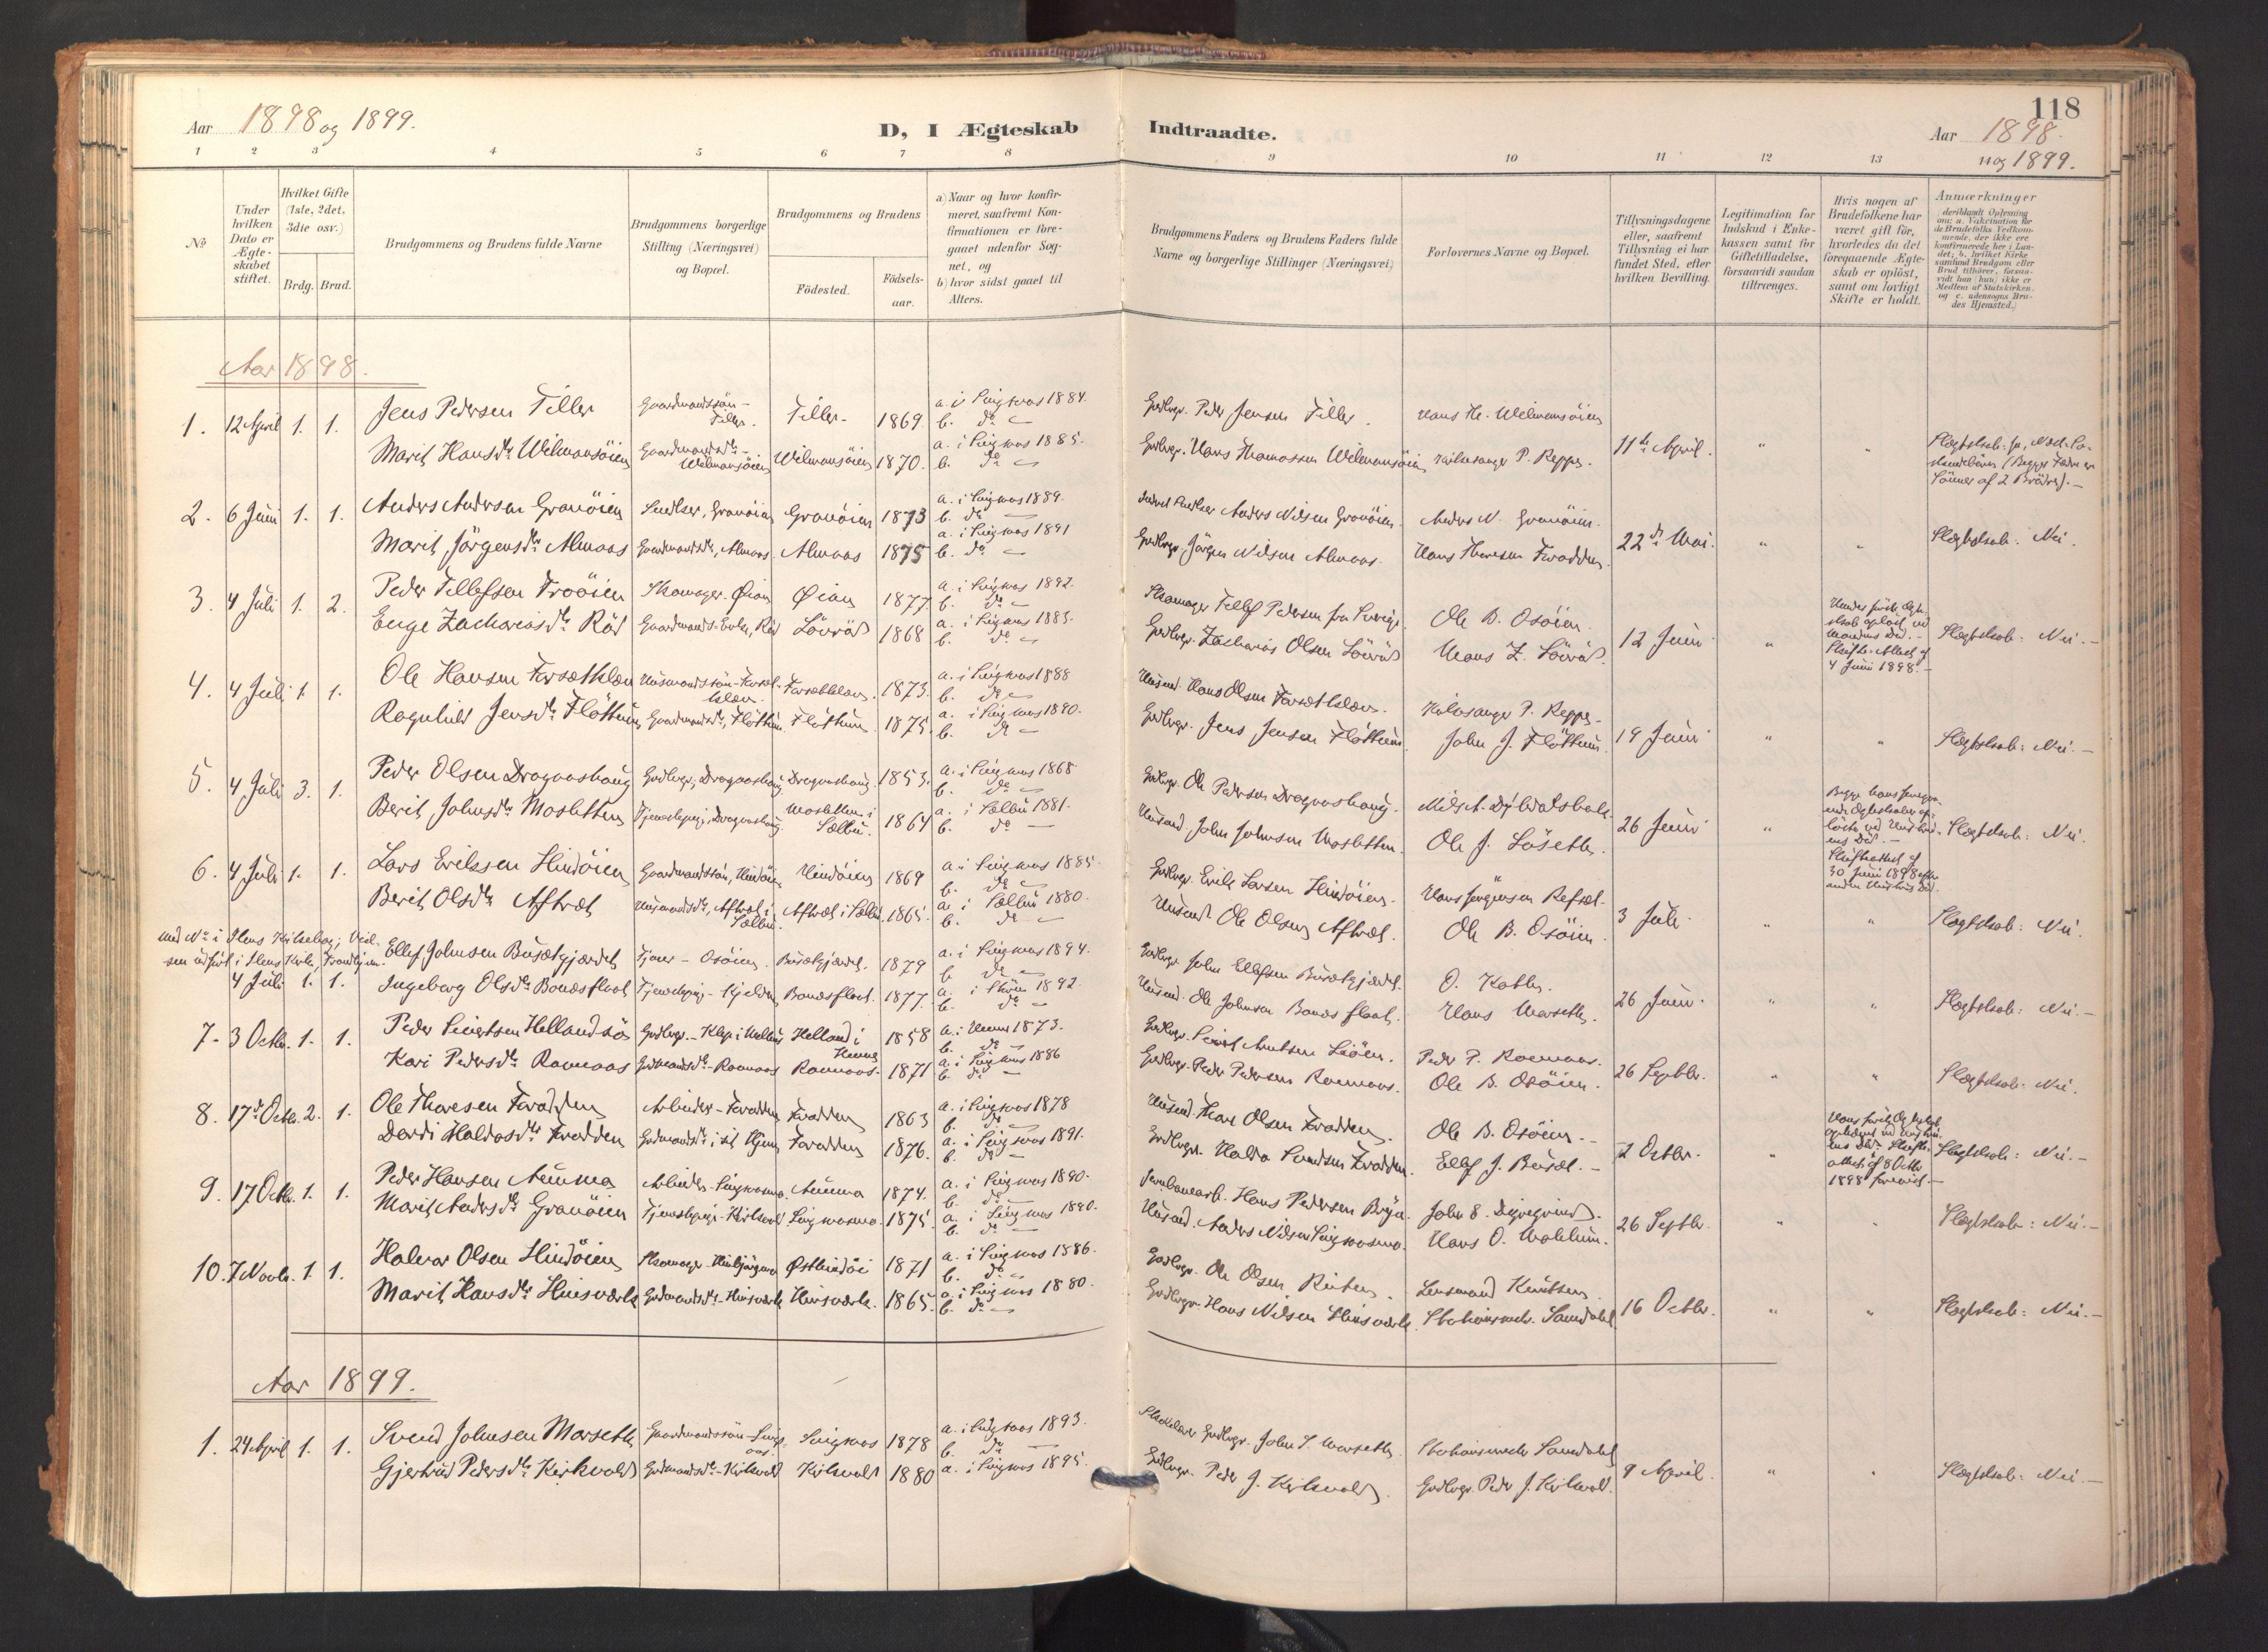 SAT, Ministerialprotokoller, klokkerbøker og fødselsregistre - Sør-Trøndelag, 688/L1025: Ministerialbok nr. 688A02, 1891-1909, s. 118